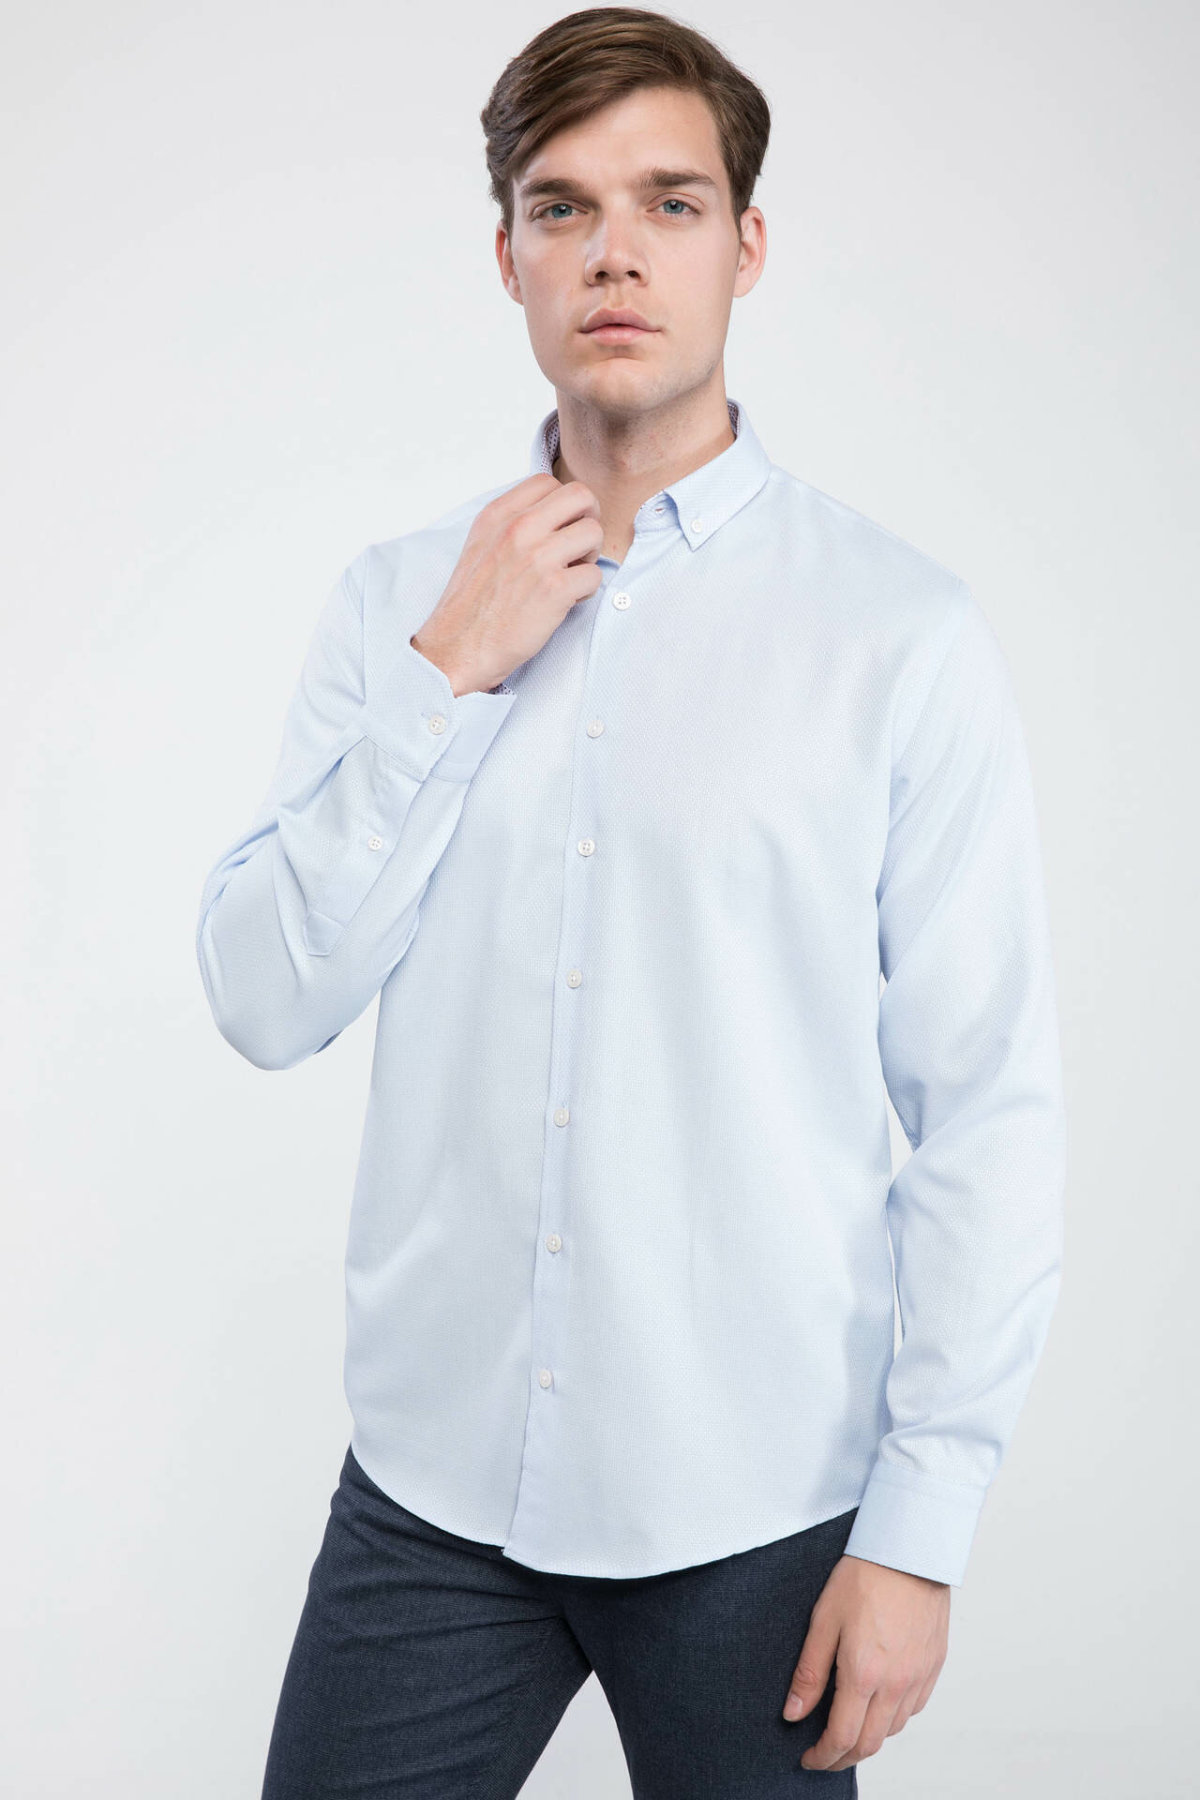 DeFacto Men Formal White Shirt Smart Casual Woven Top Long Sleeve Shirt Office Business Wear Top Shirt Cloth J9647AZ19SPWT34-J9647AZ19SP